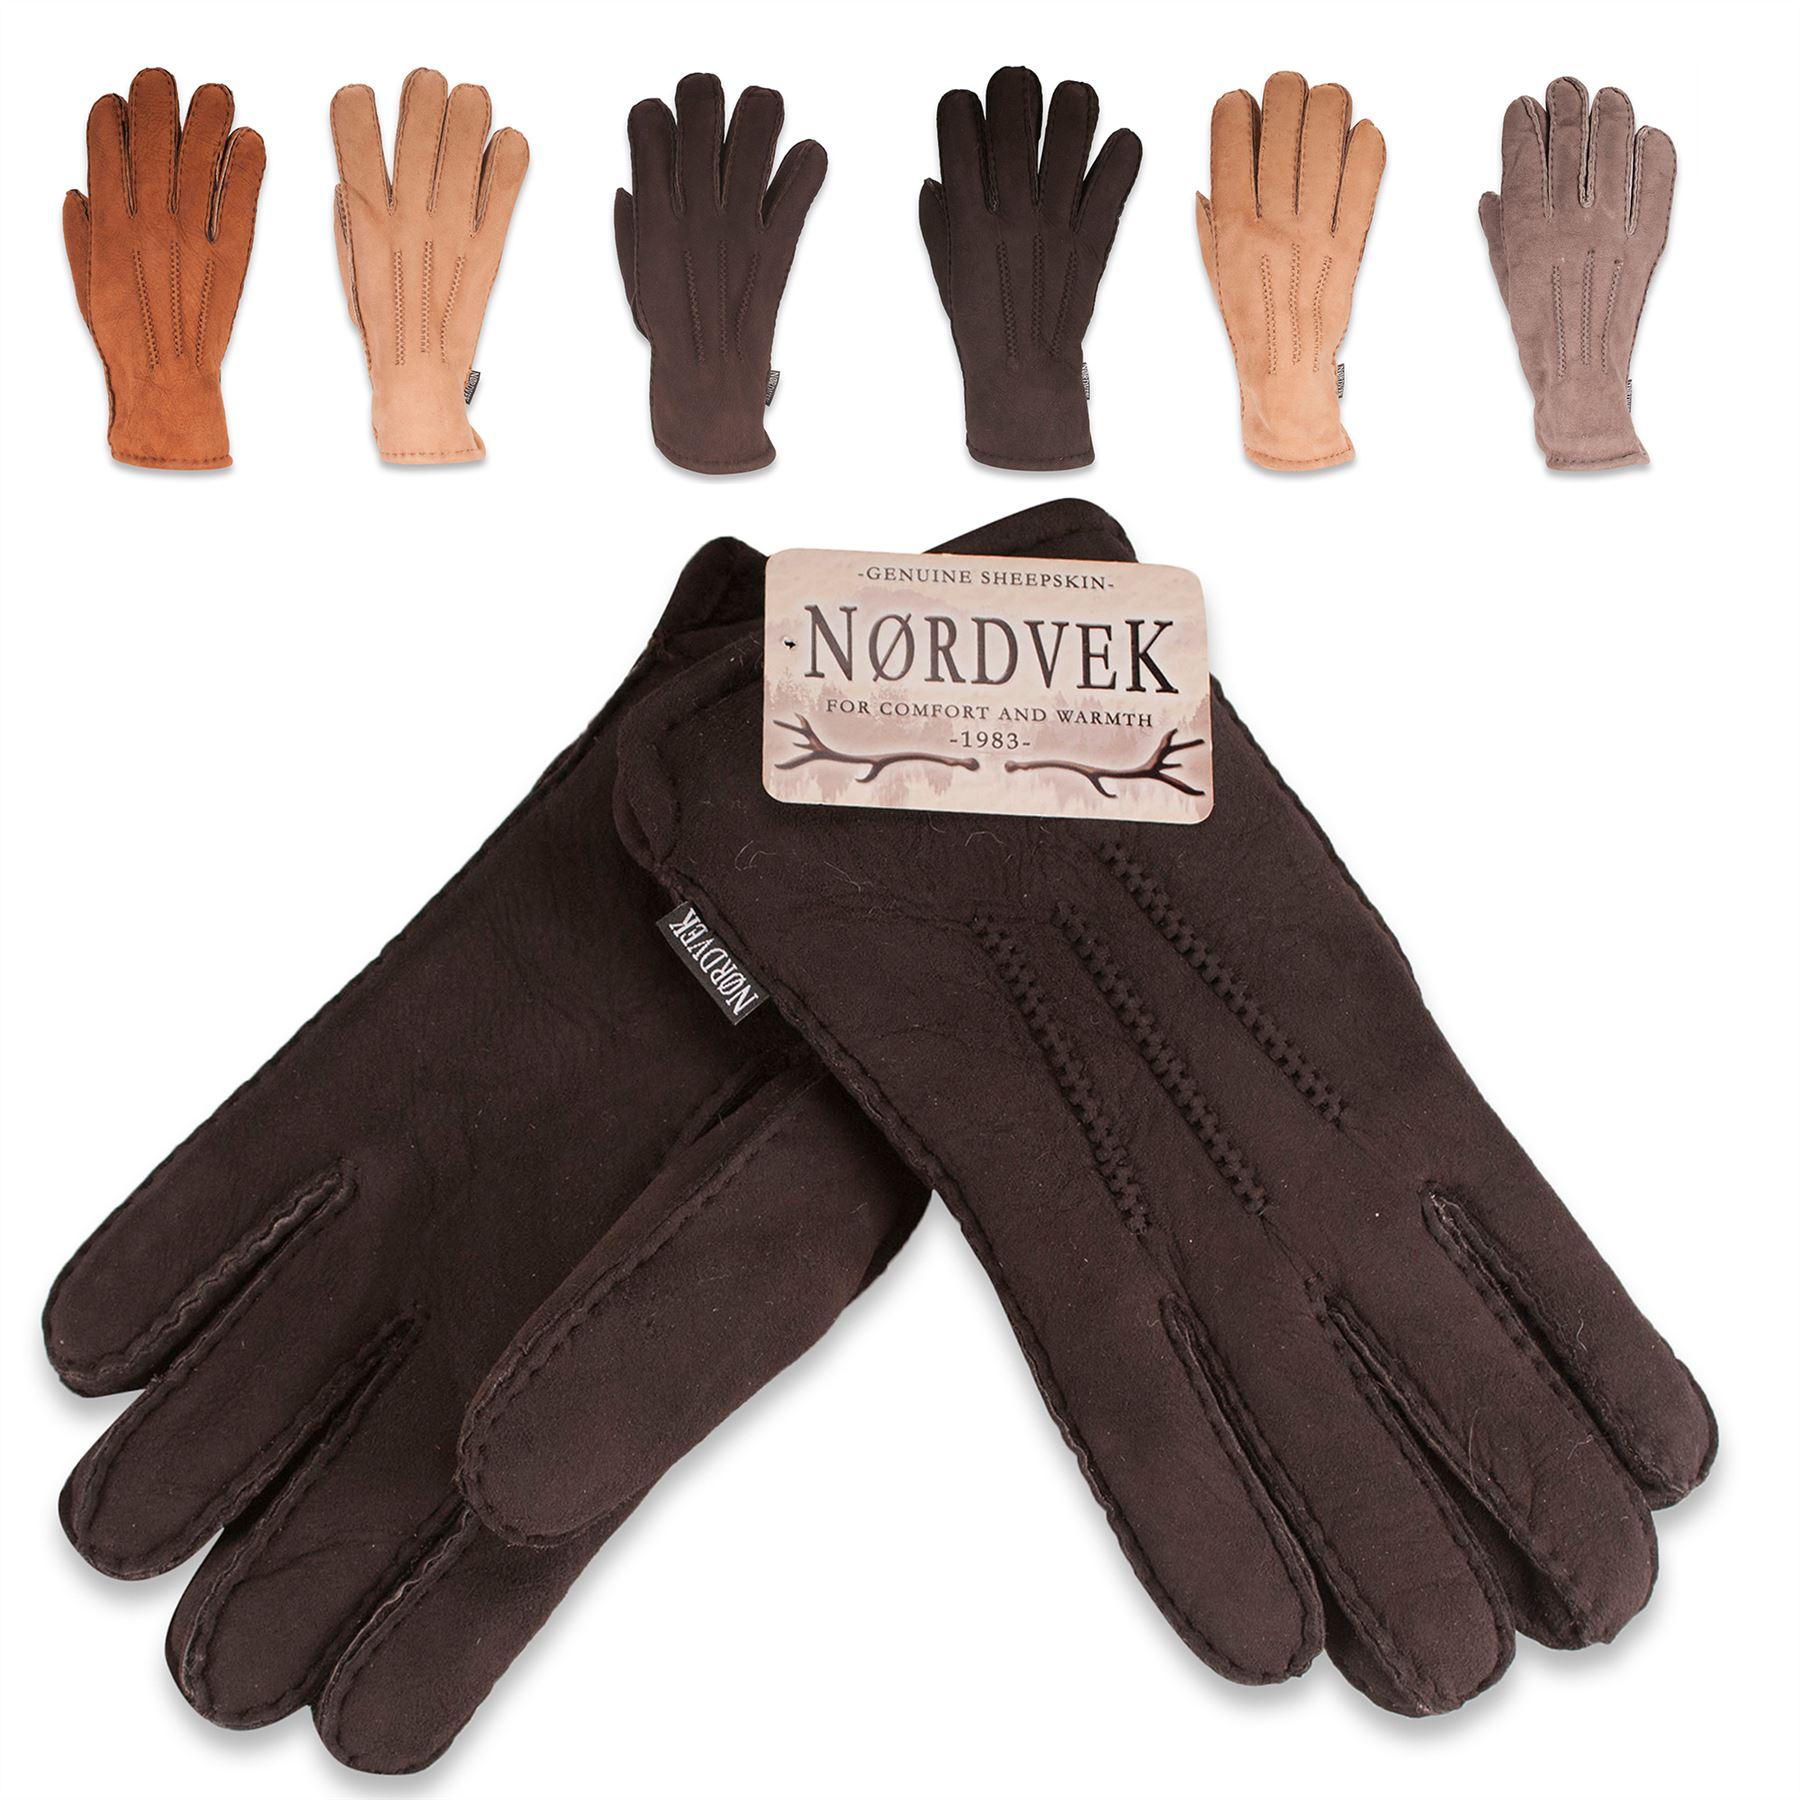 Mens sheepskin gloves uk - Description